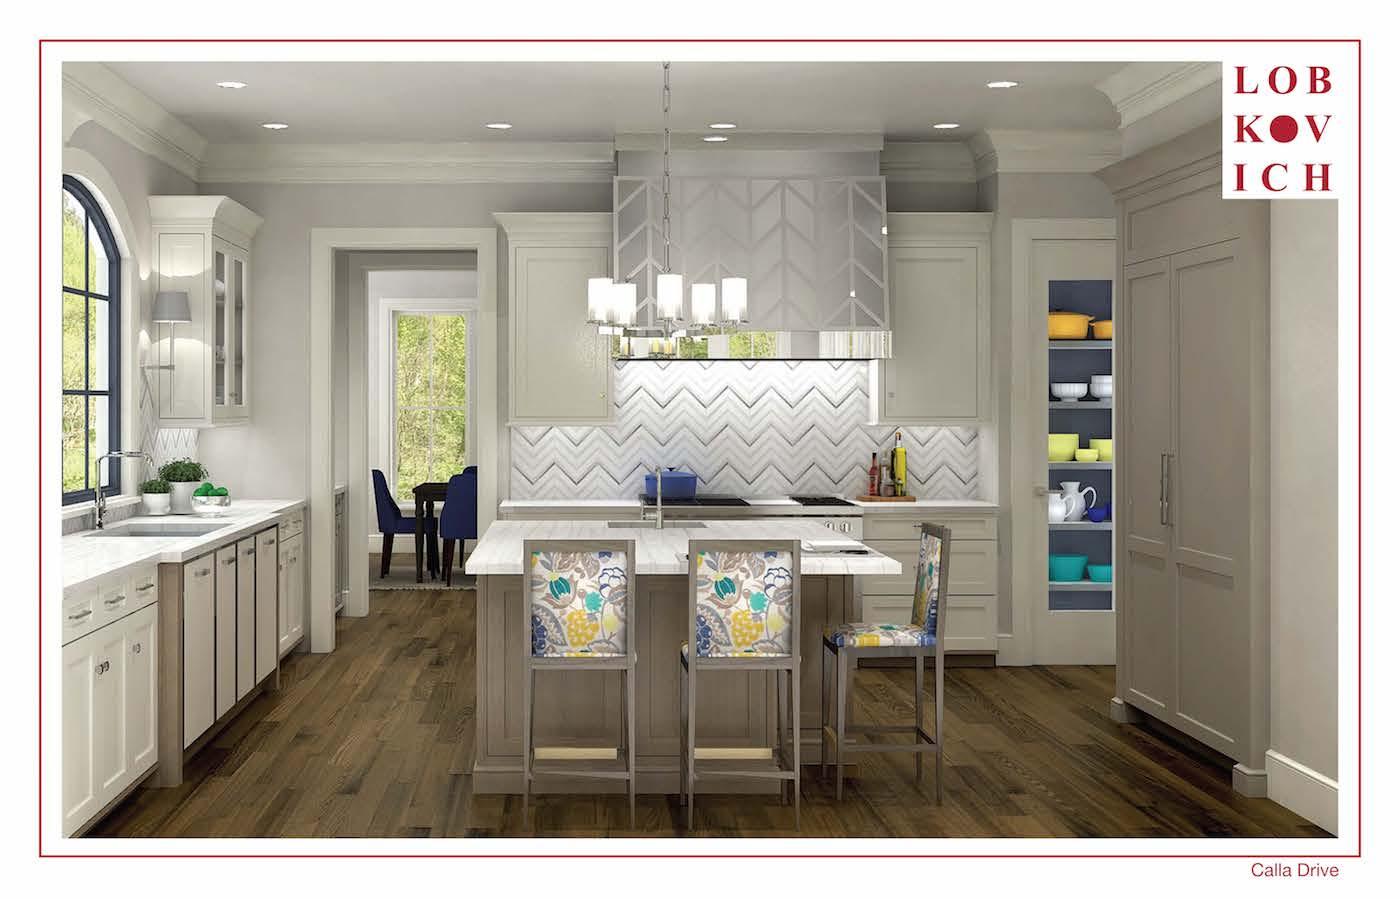 Calla Kitchen Rendering_Page_2.jpg